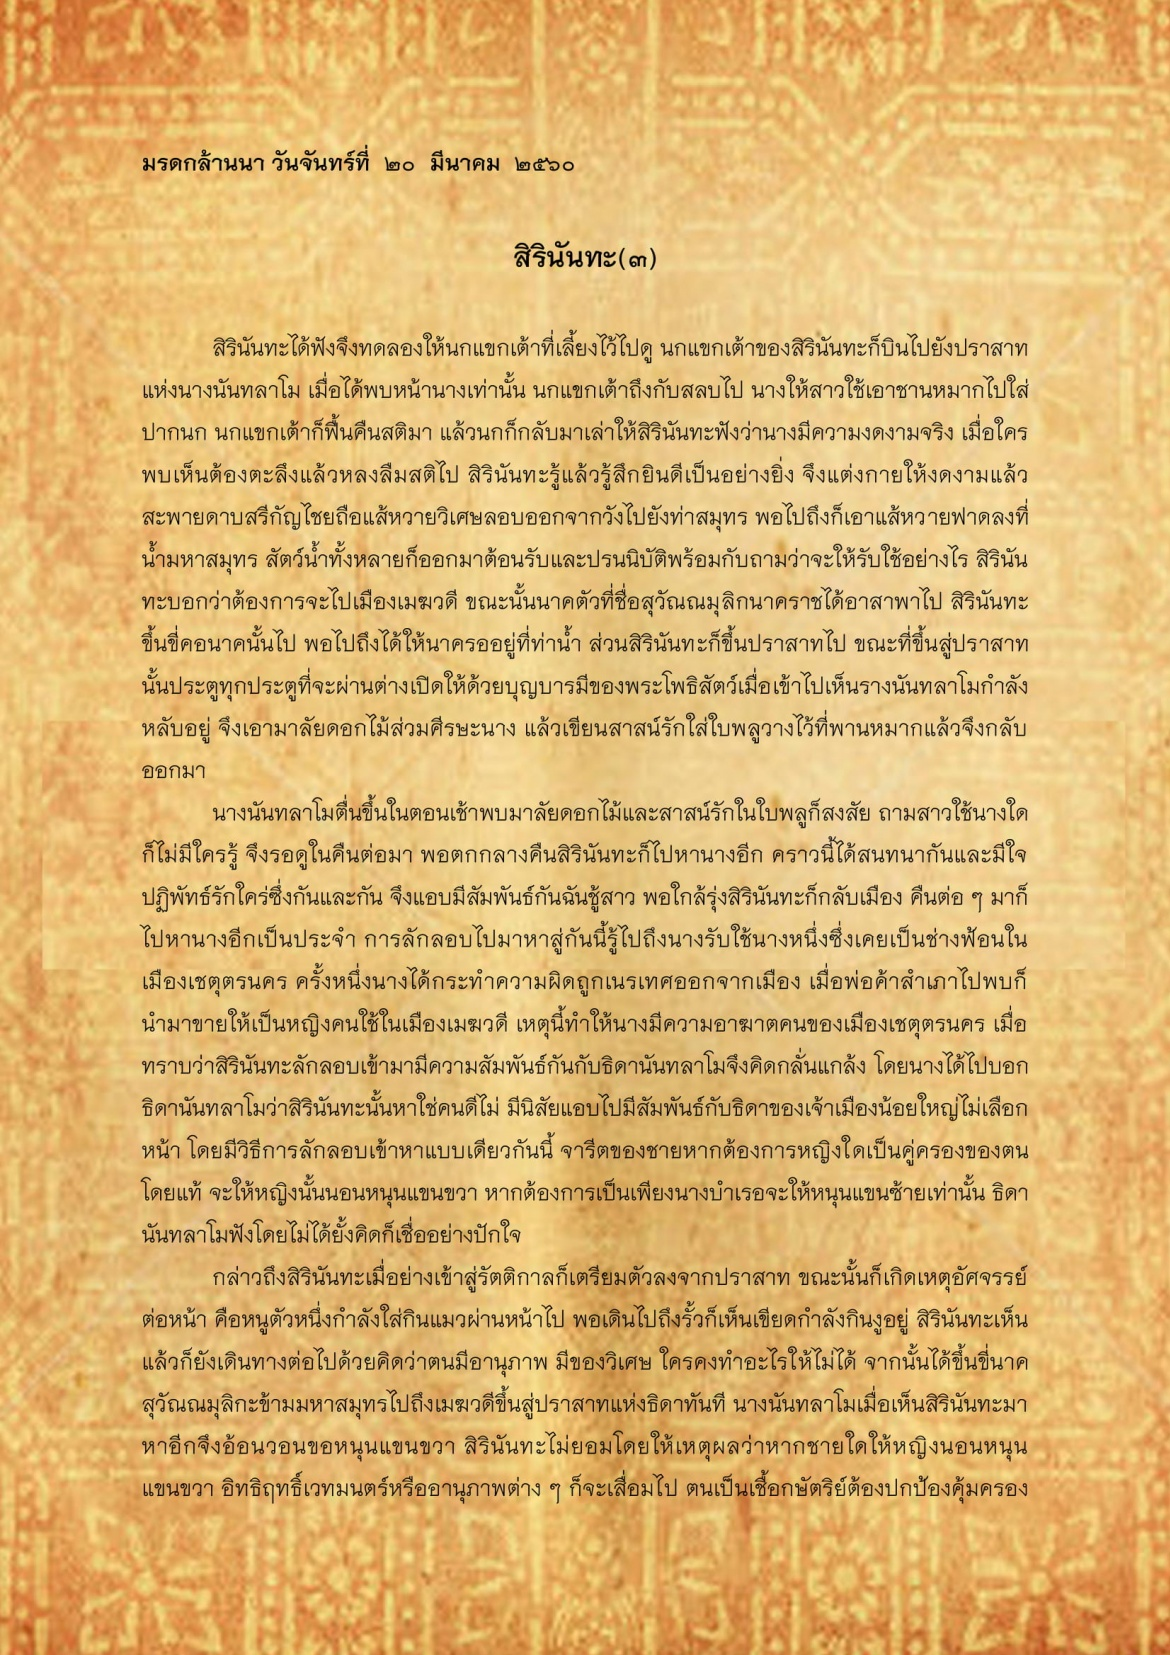 สิรินันทะ(3) - 20 มีนาคม 2560